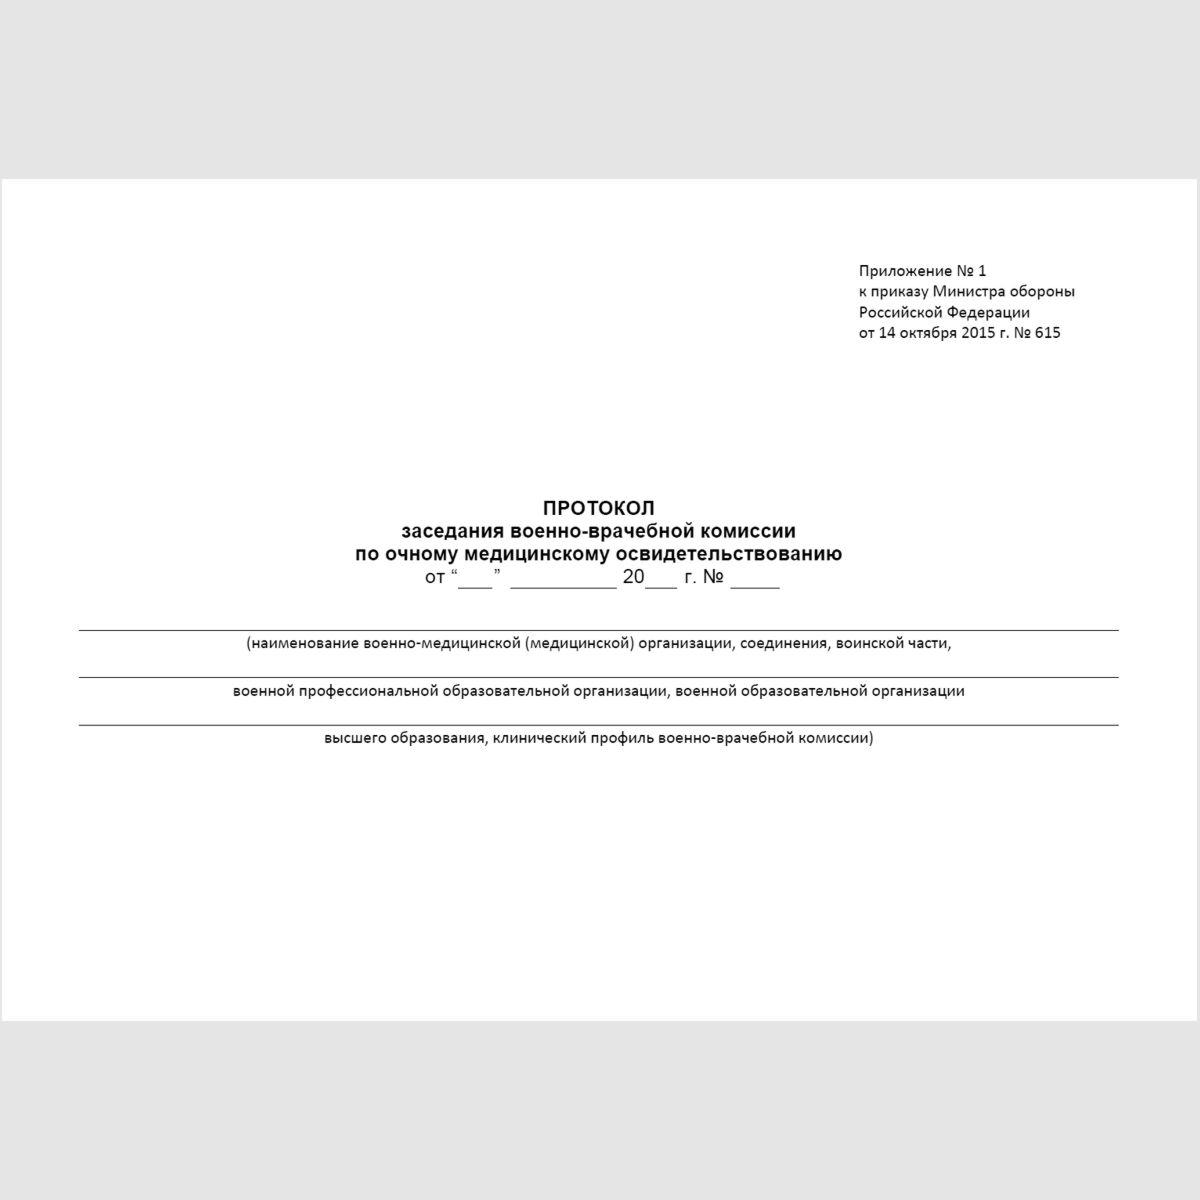 """Форма """"Протокол заседания военно-врачебной комиссии по очному медицинскому освидетельствованию"""". Титульный лист"""